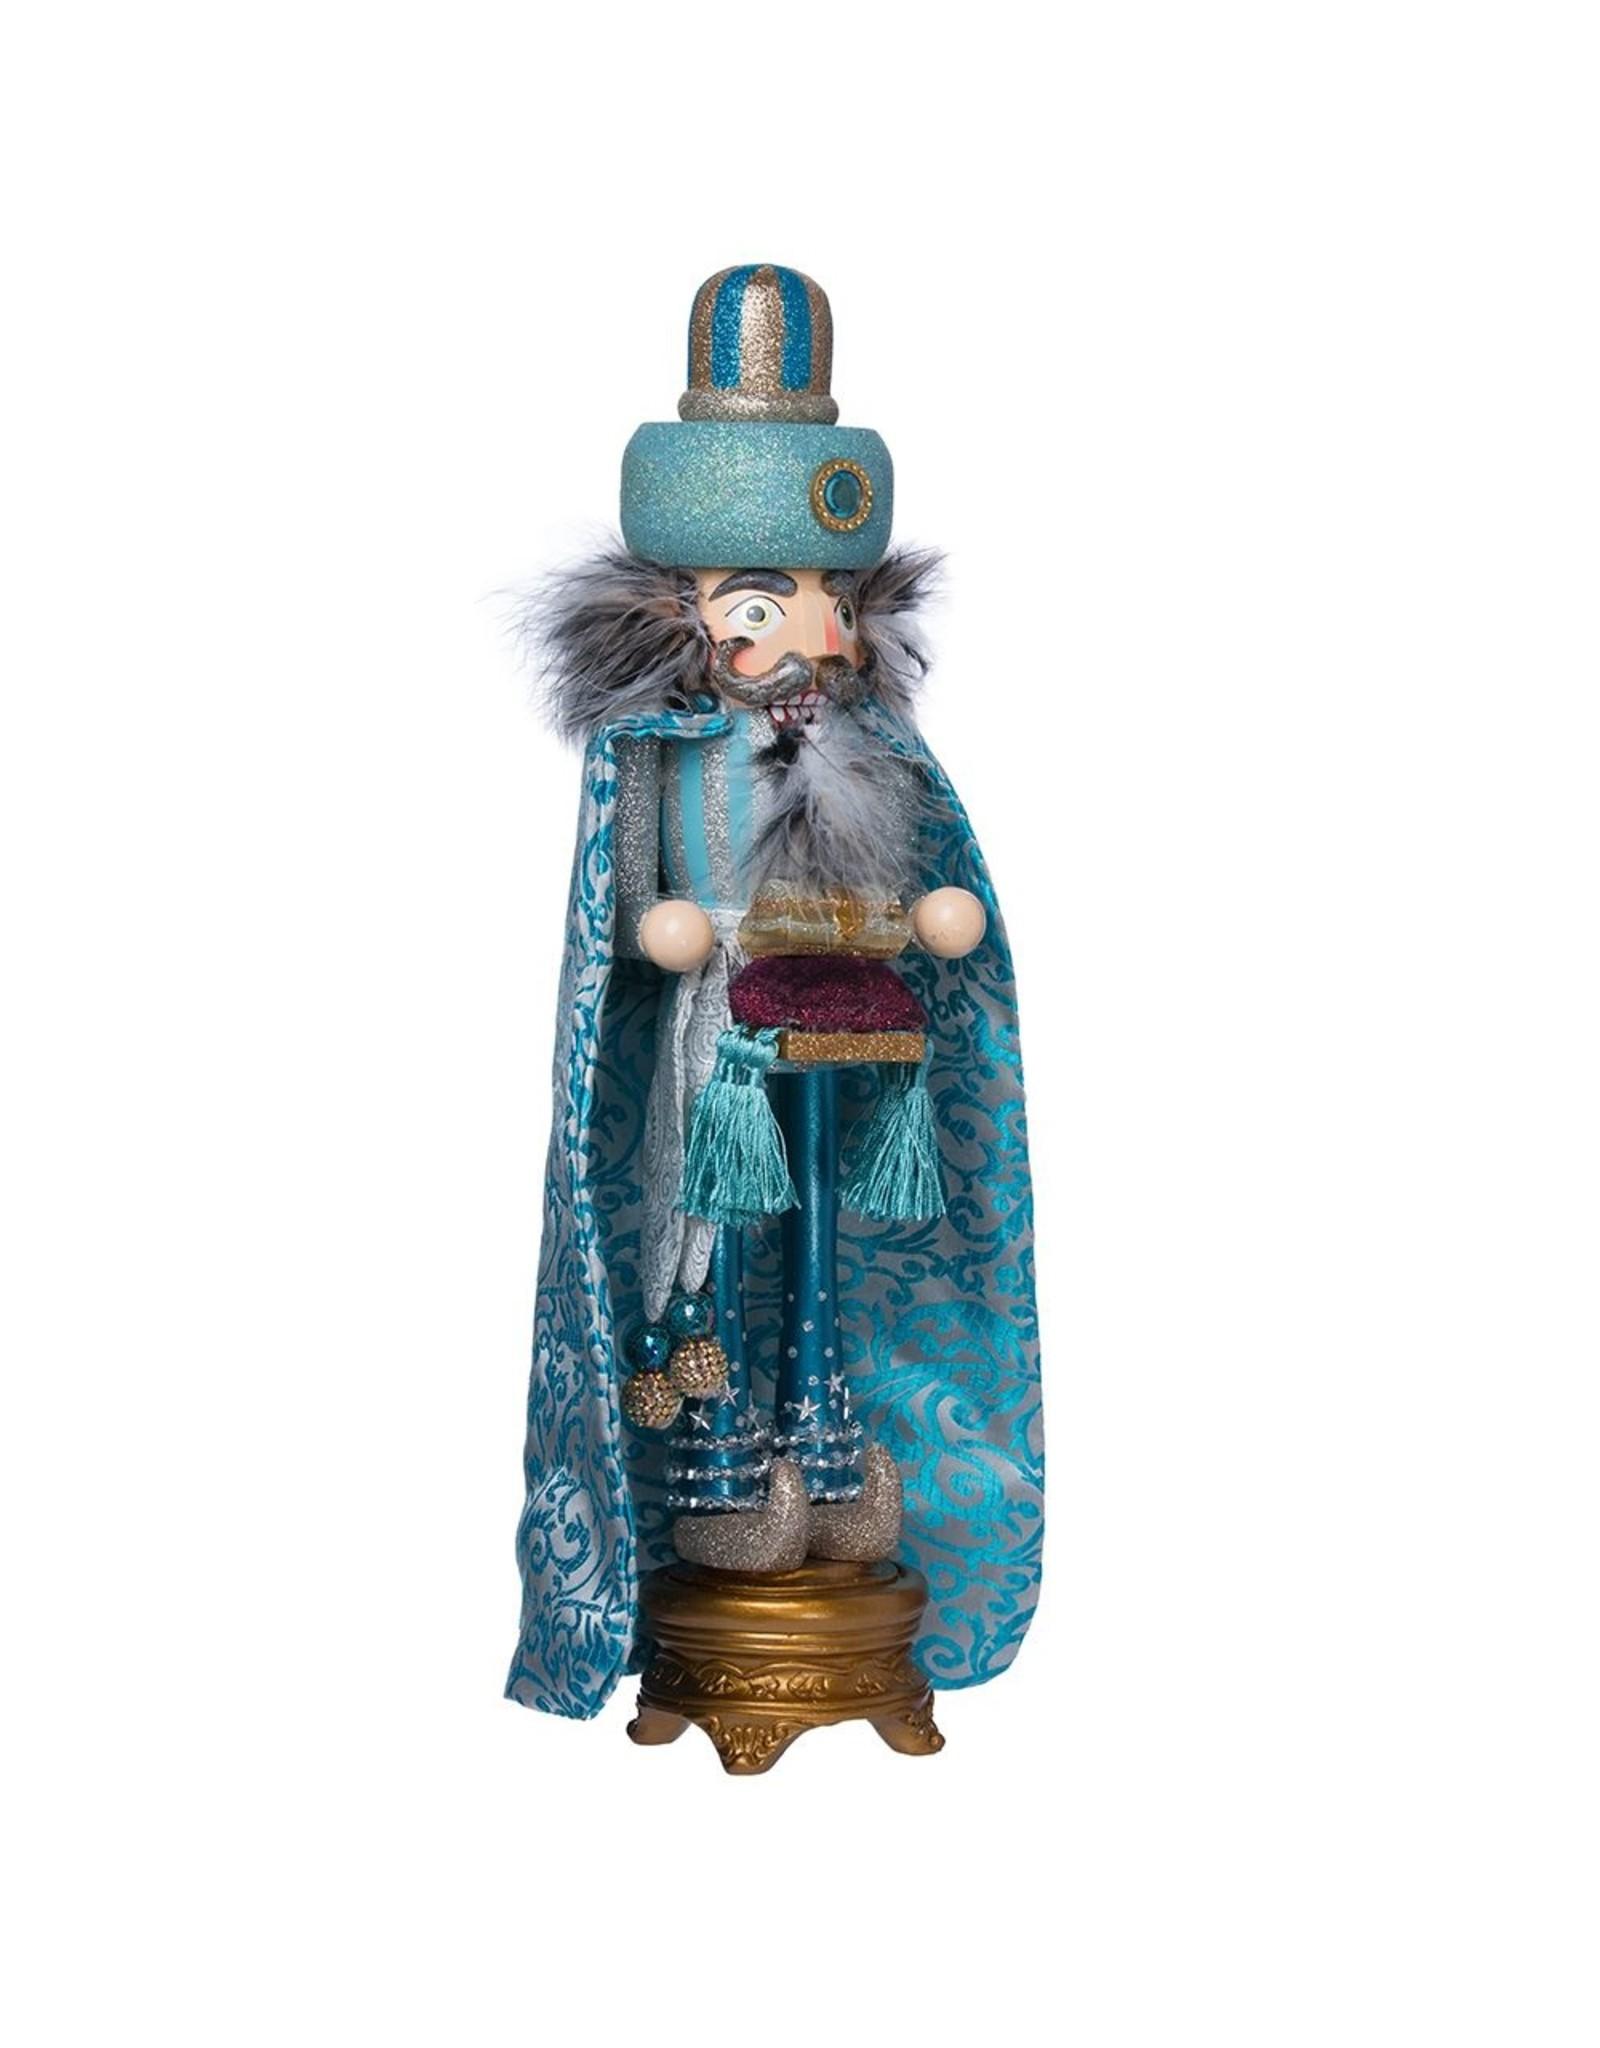 Kurt S. Adler Turquoise Wiseman Nutcracker